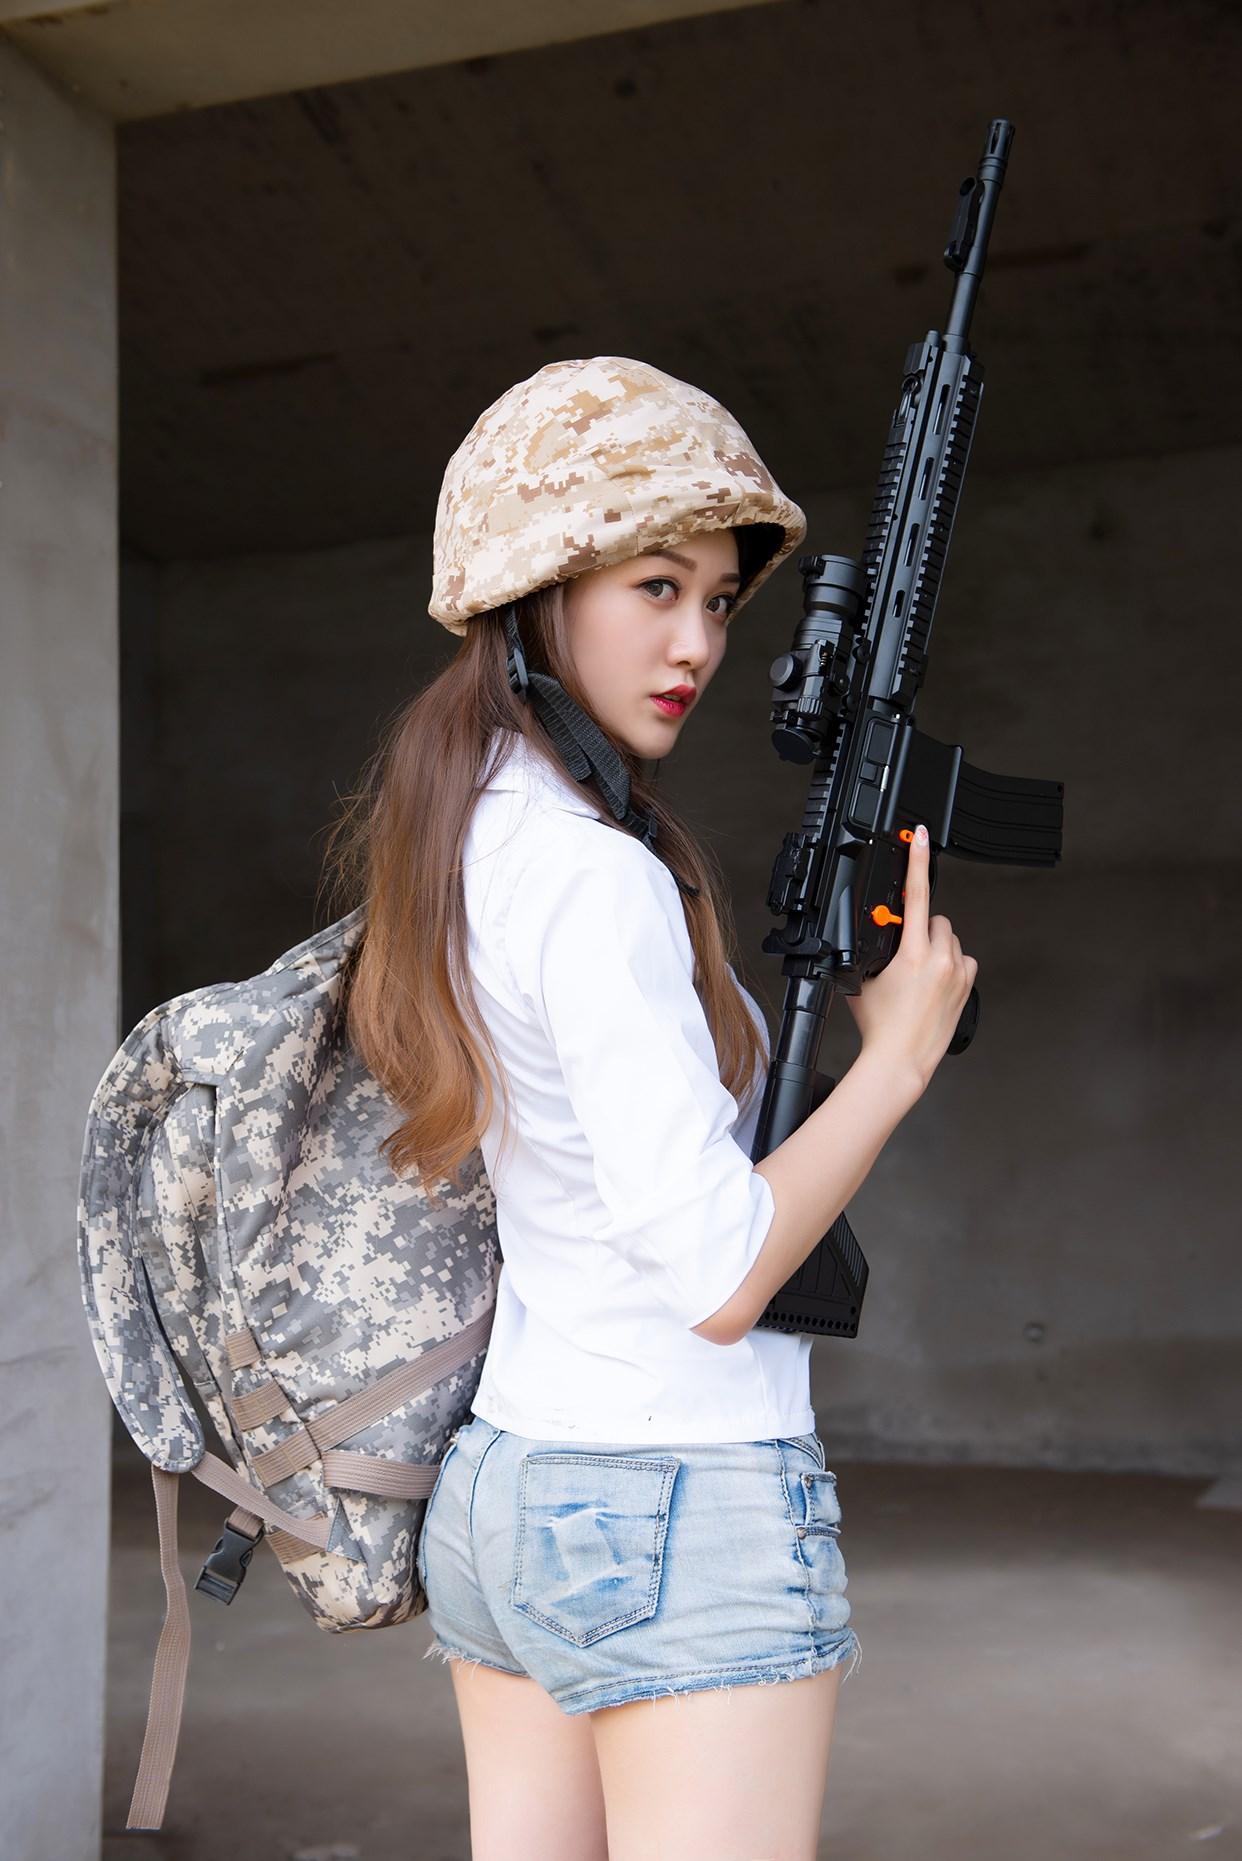 【兔玩映画】狙击少女 兔玩映画 第3张